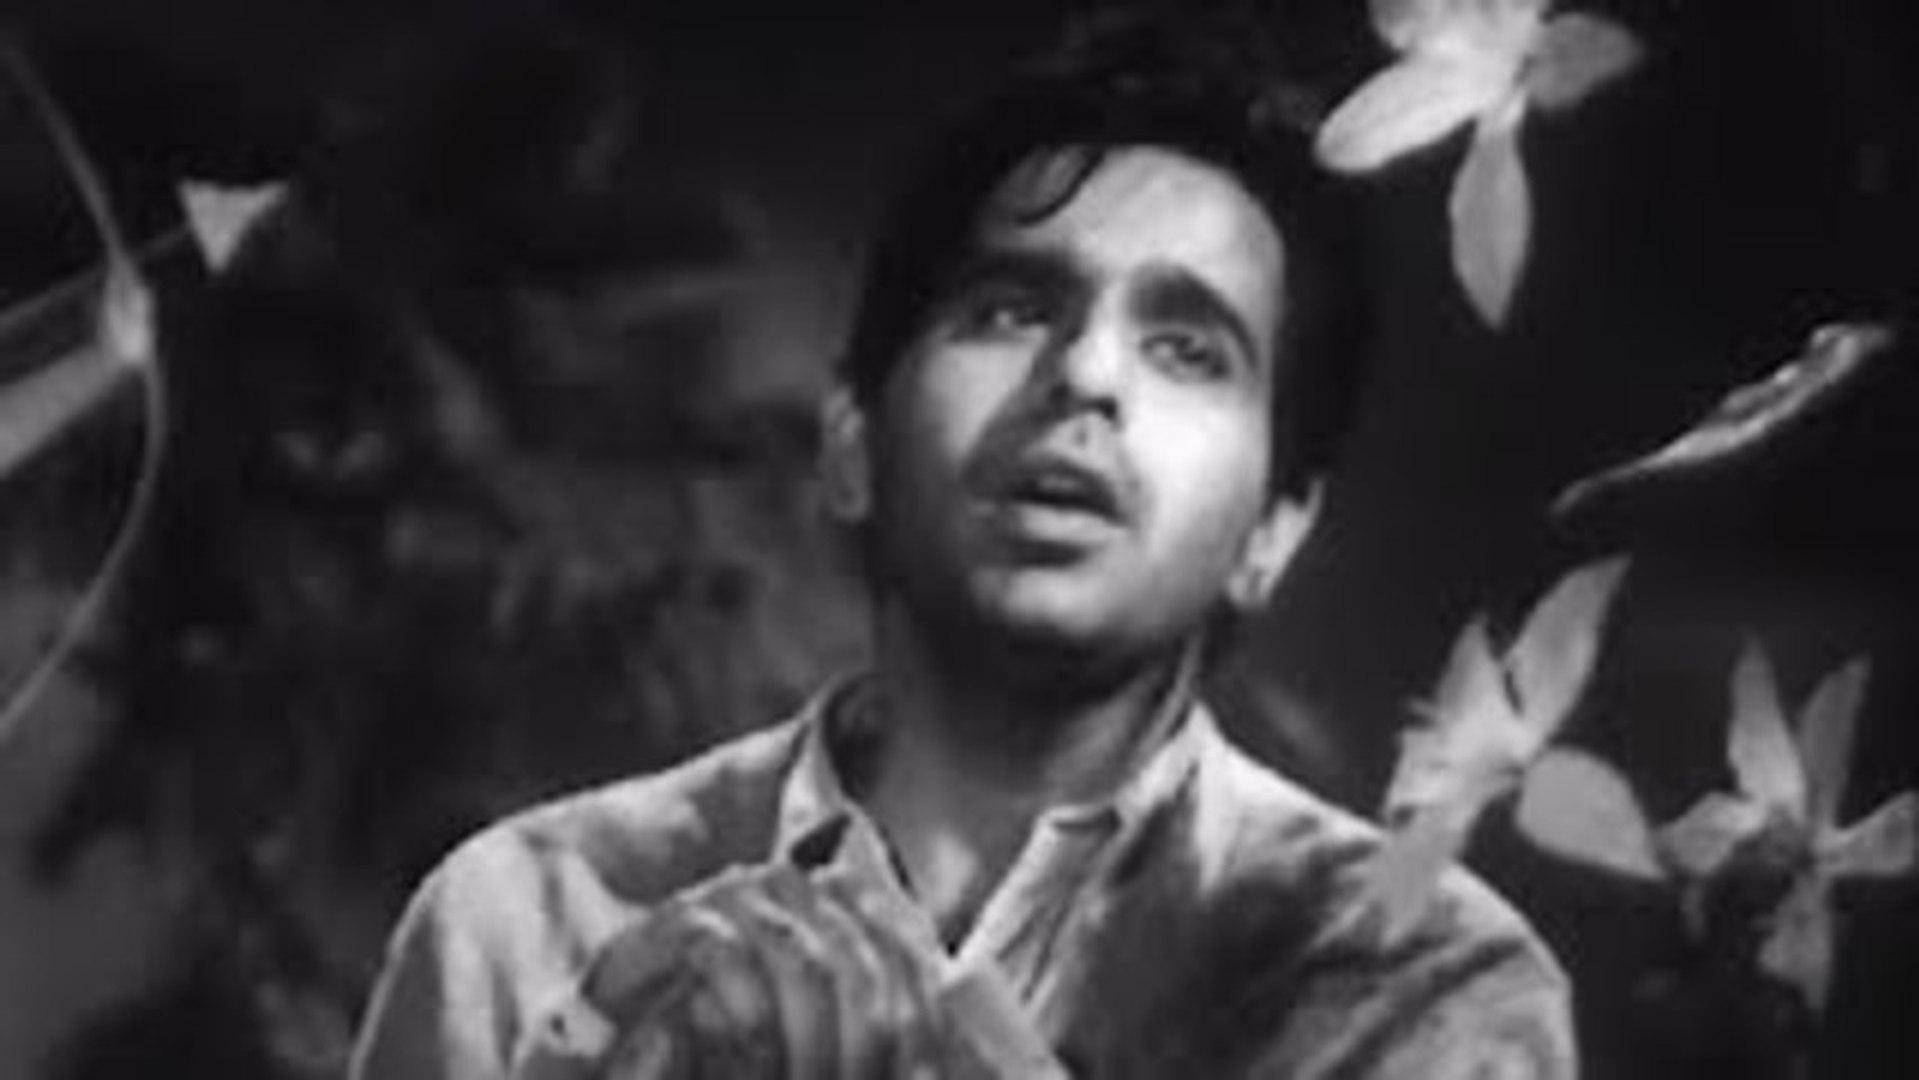 Ae Mere Dil Kahin Aur Chal 1 - Classic Hindi Song - Daag - Dilip Kumar - video Dailymotion